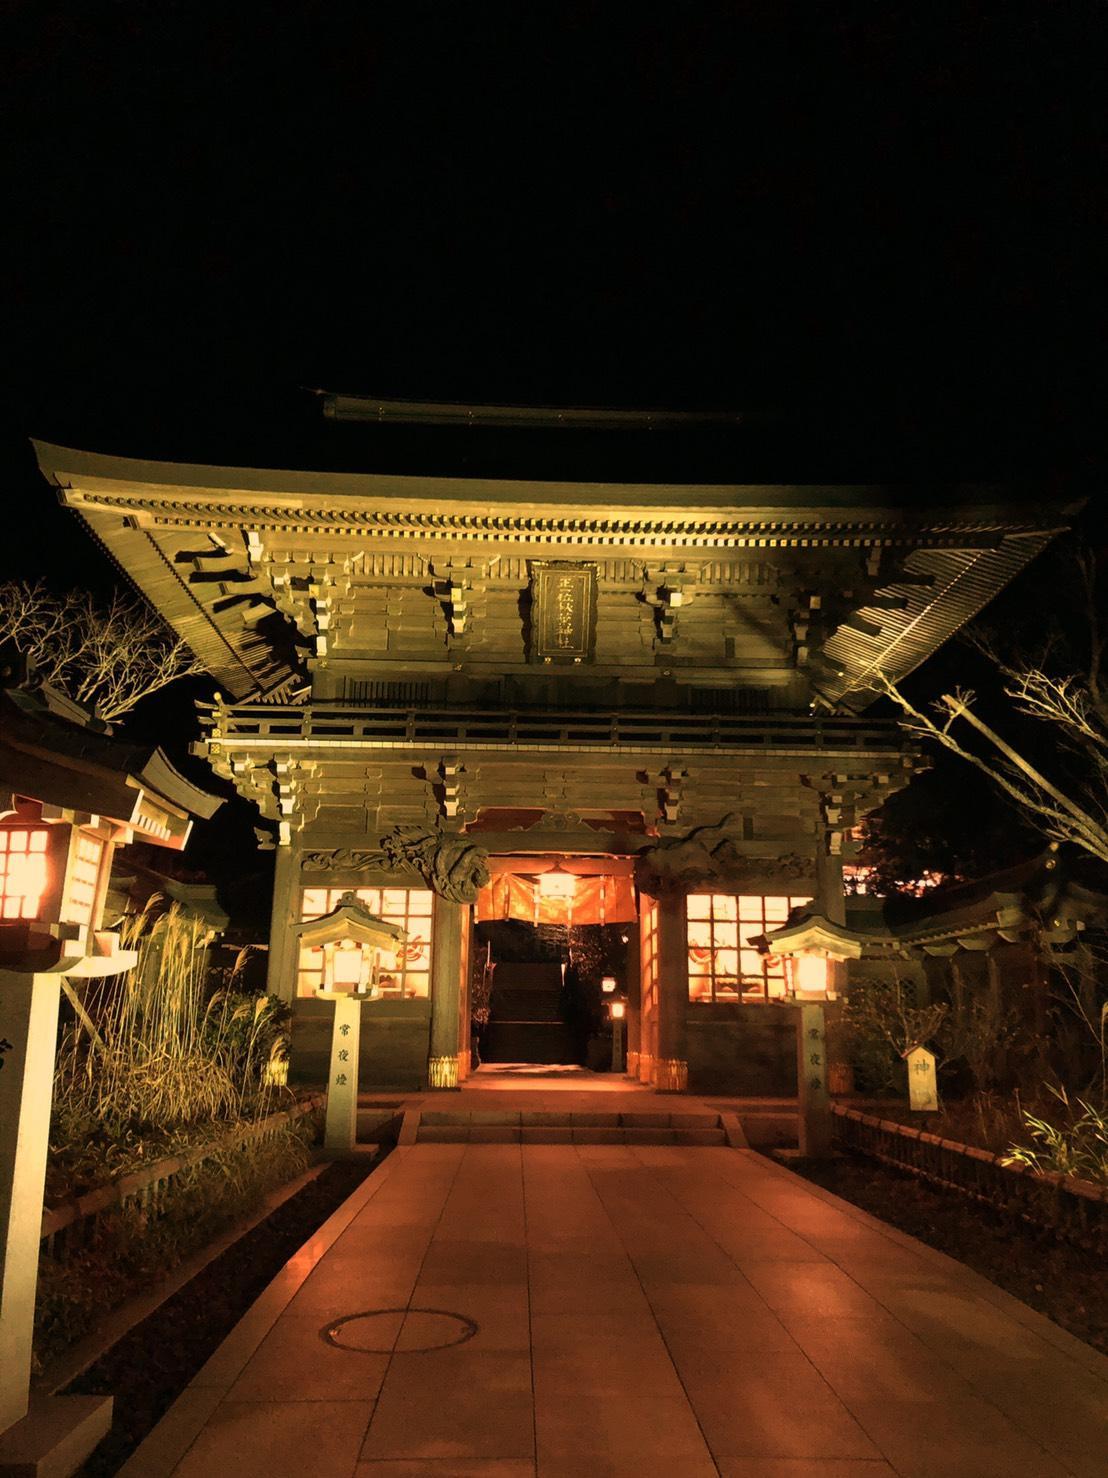 秋葉神社の火祭りに行ってきました!!